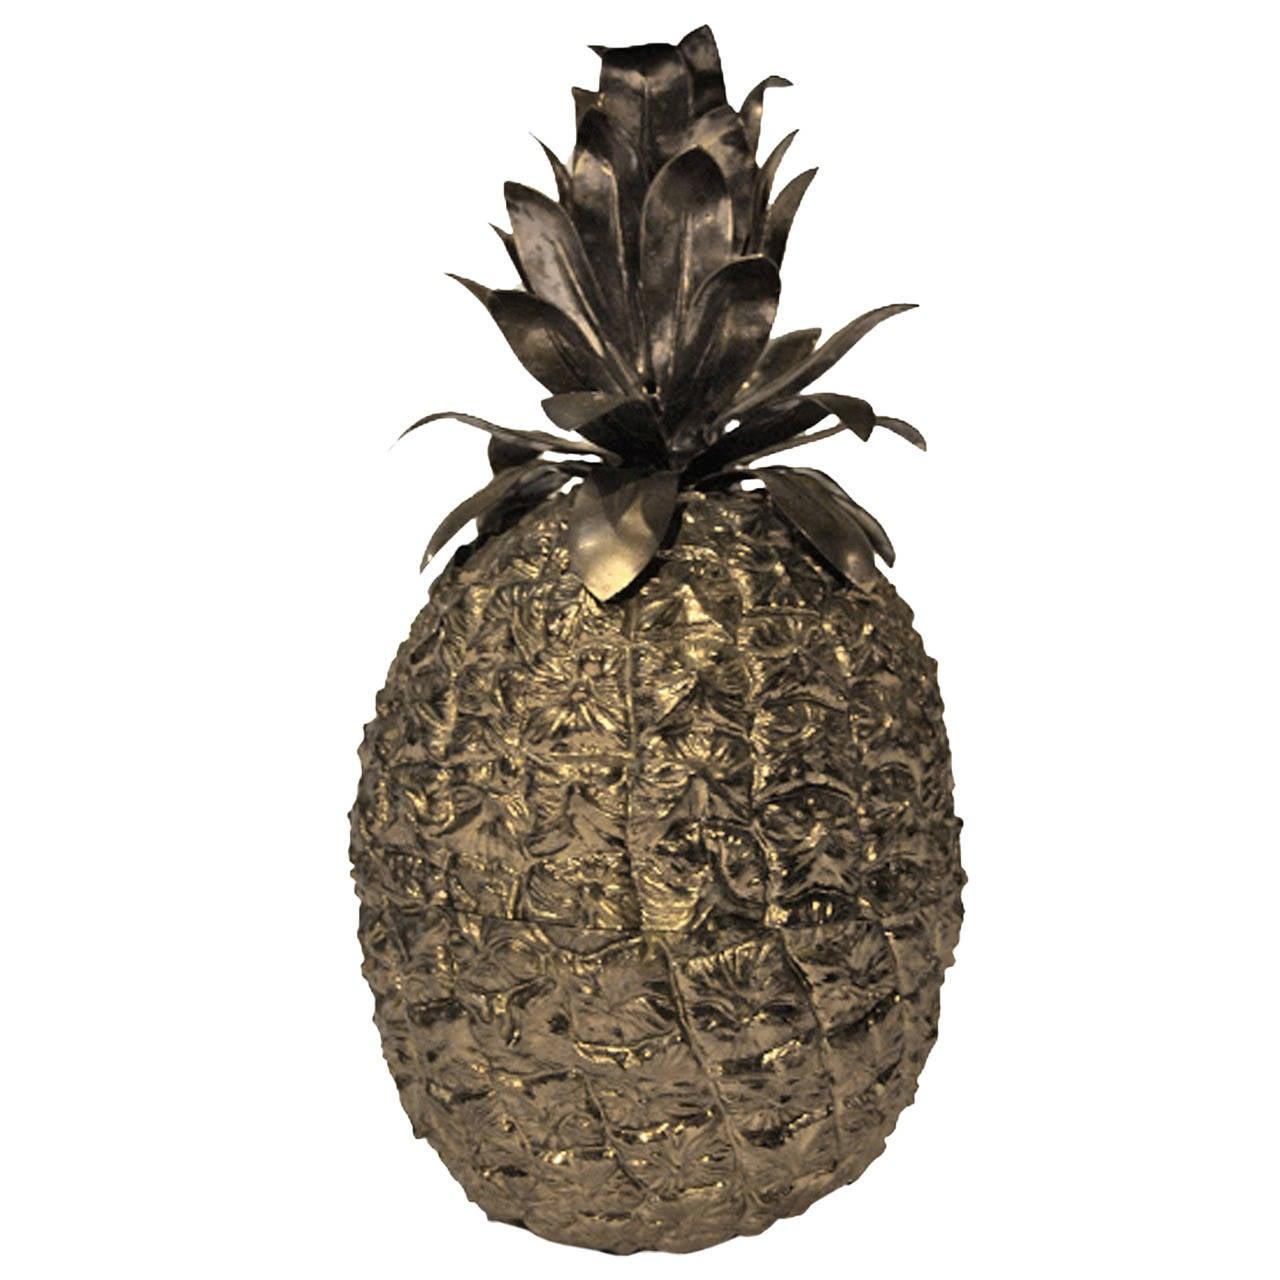 Pineapple Shaker For Sale